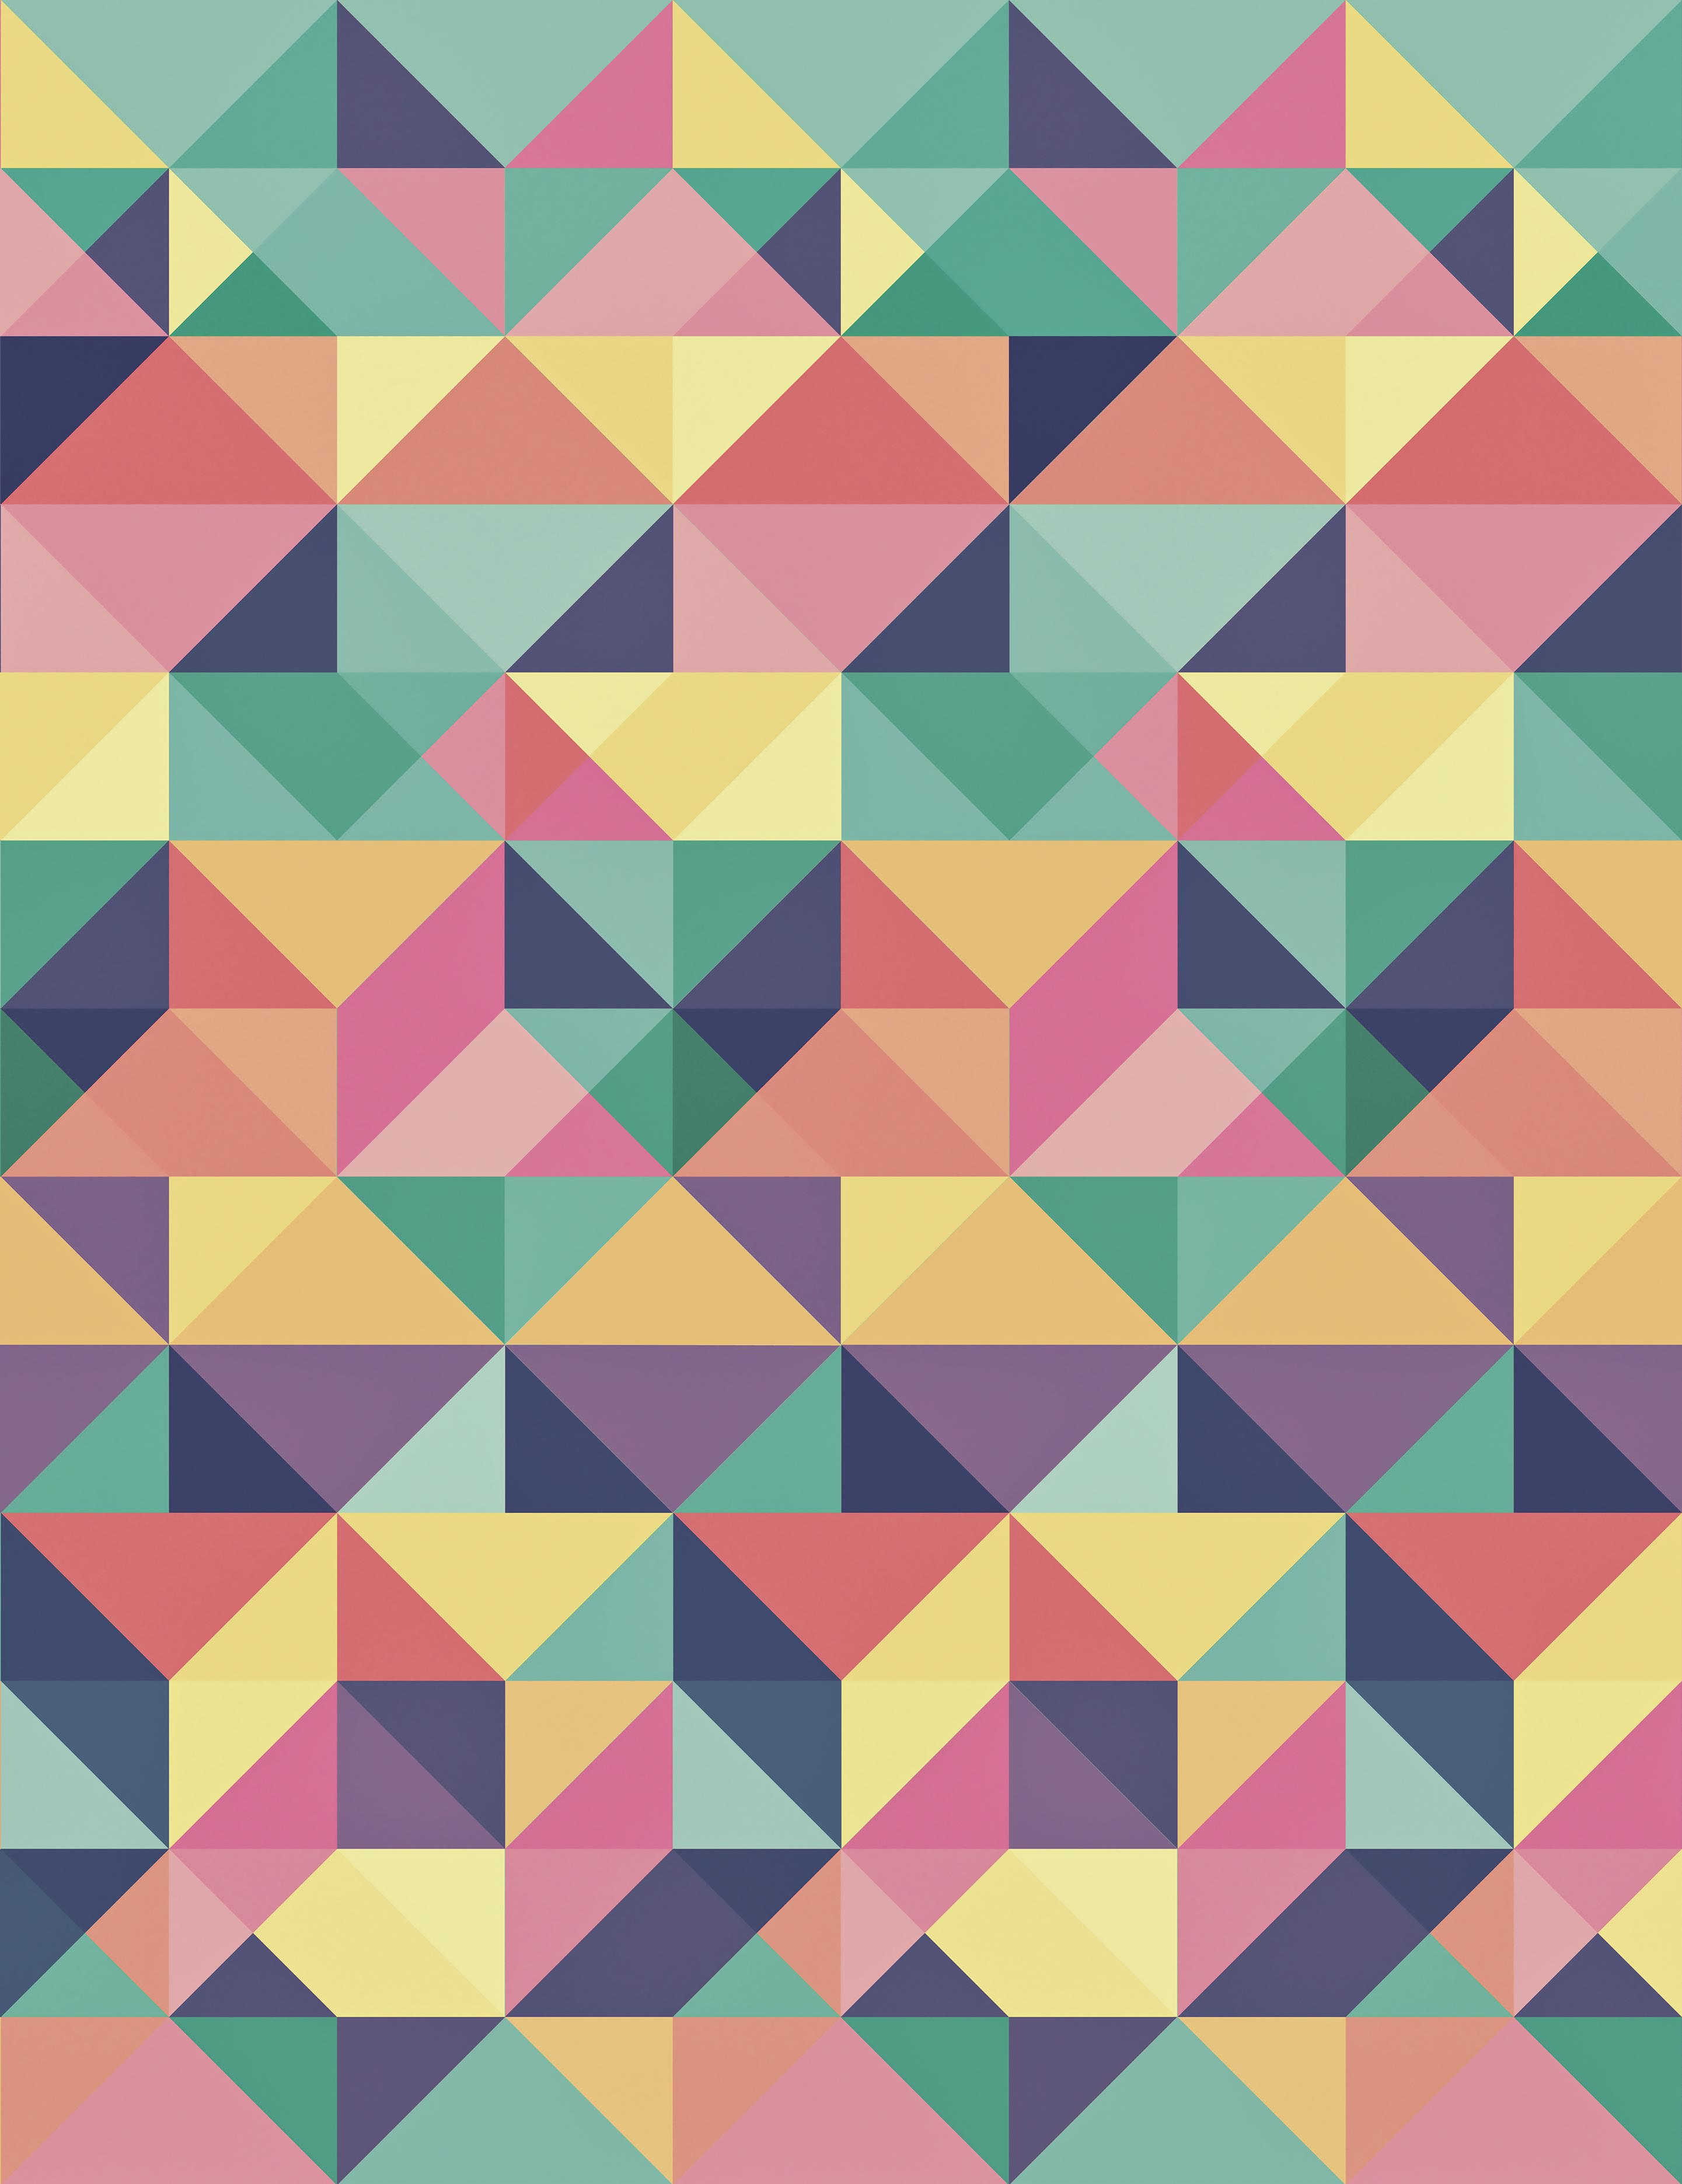 Pattern variation